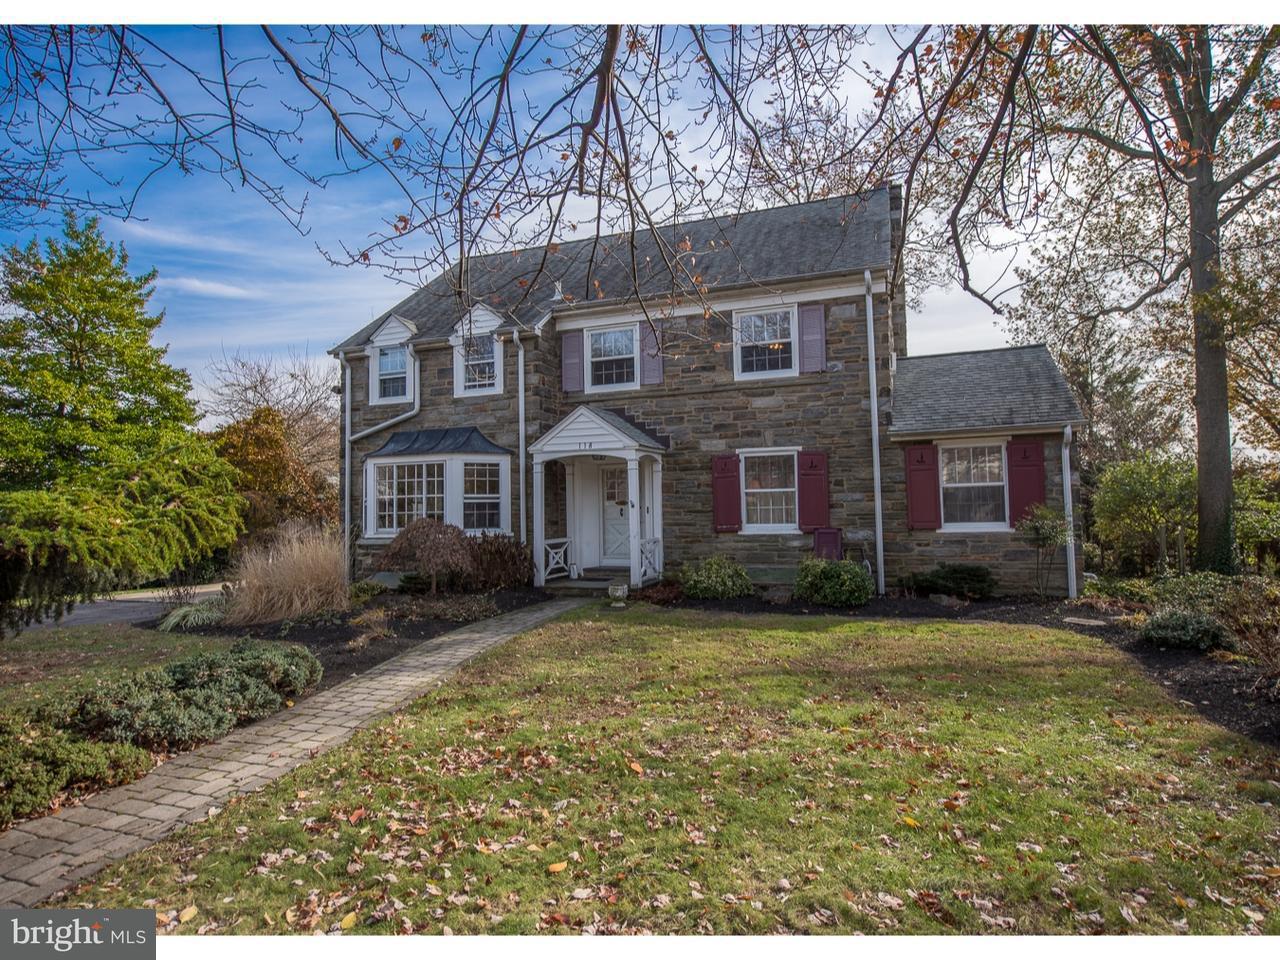 Частный односемейный дом для того Продажа на 118 SUMMIT Lane Bala Cynwyd, Пенсильвания 19004 Соединенные Штаты